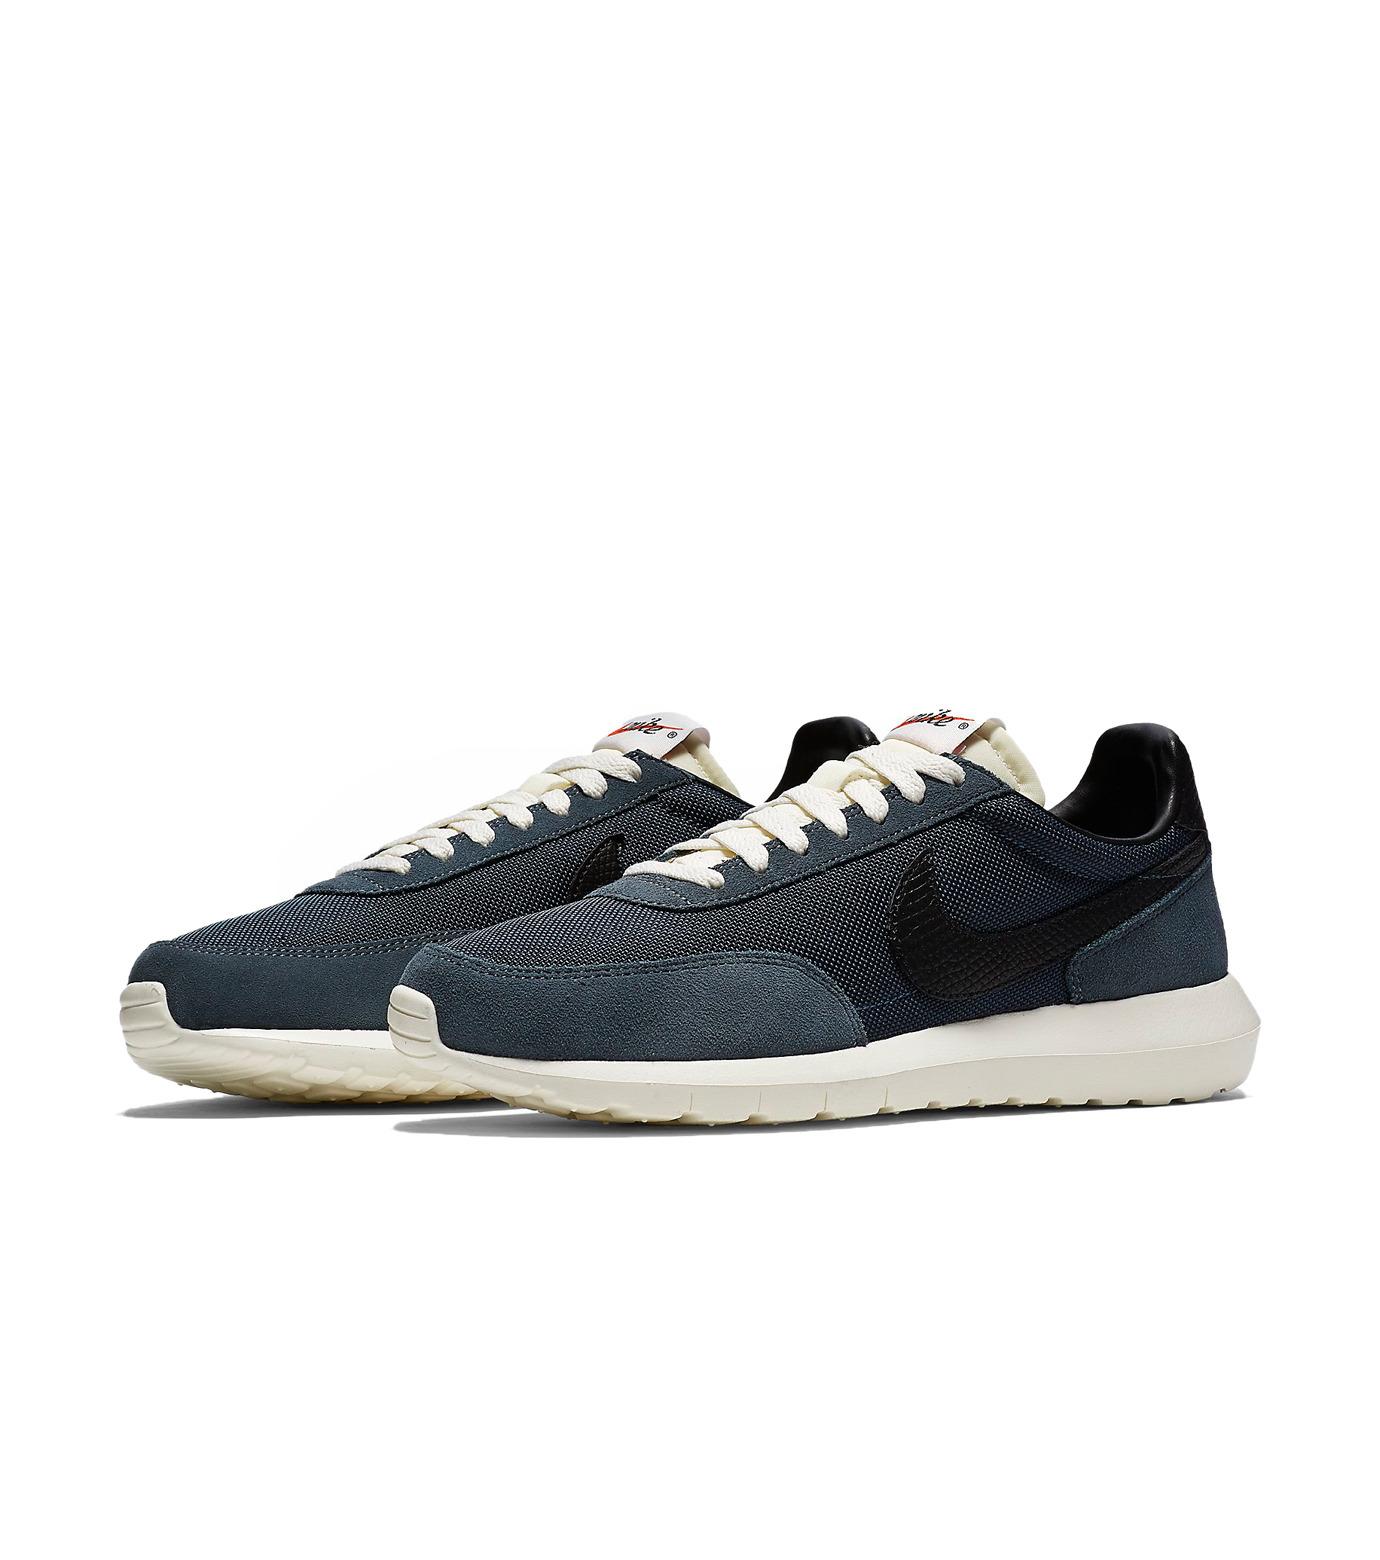 NIKE(ナイキ)のROSHE DBREAK NM-NAVY(シューズ/shoes)-826666-400-93 拡大詳細画像3